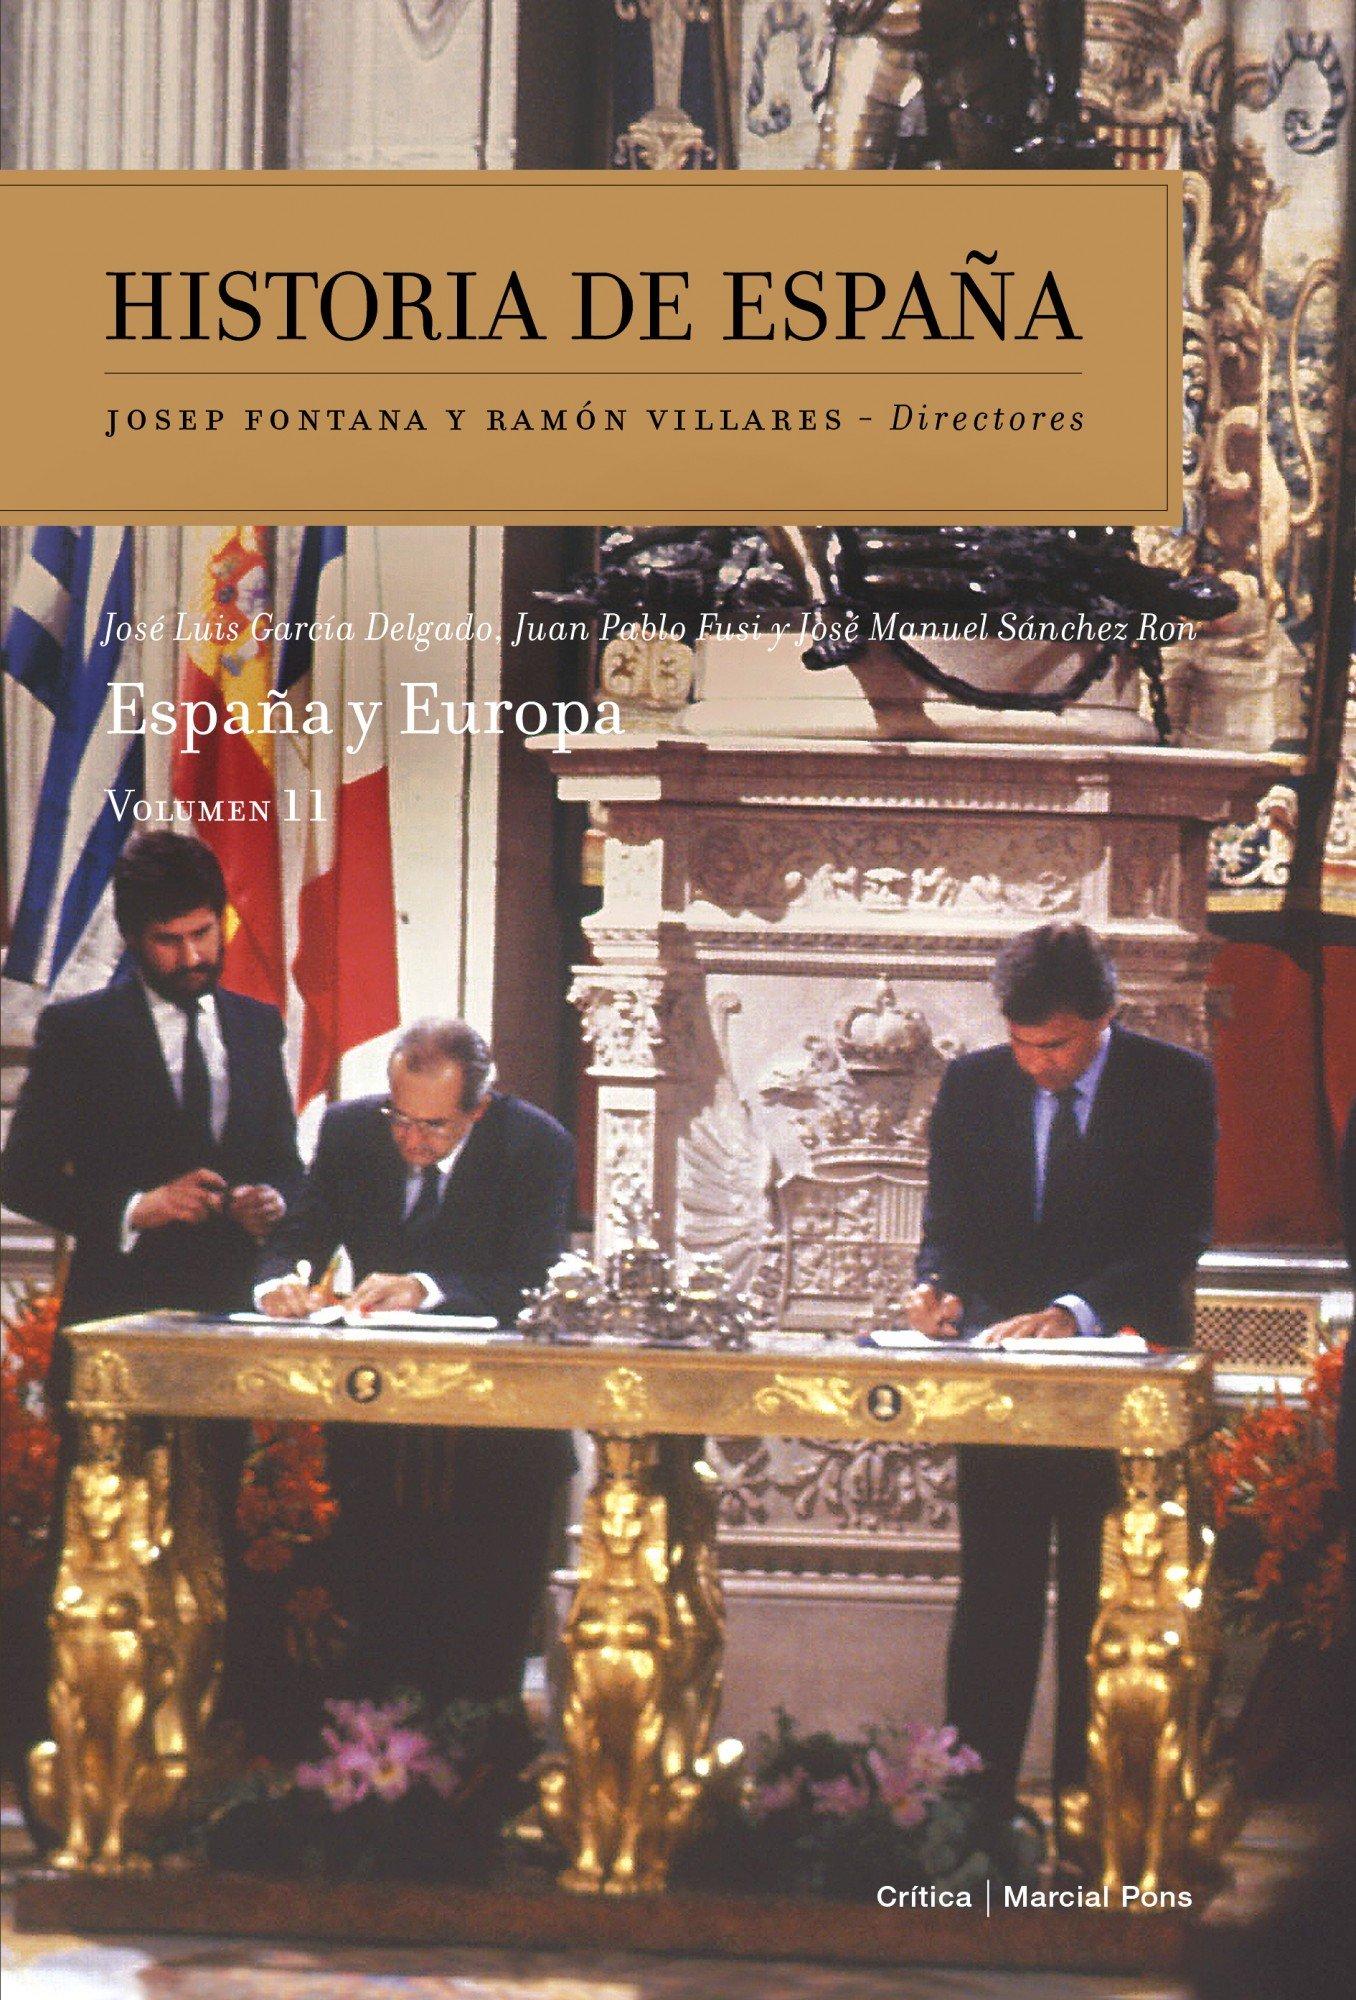 España y Europa: Historia de España Vol. 11: Amazon.es: García Delgado, José Luis, Sánchez Ron, José Manuel, Fusi, Juan Pablo: Libros